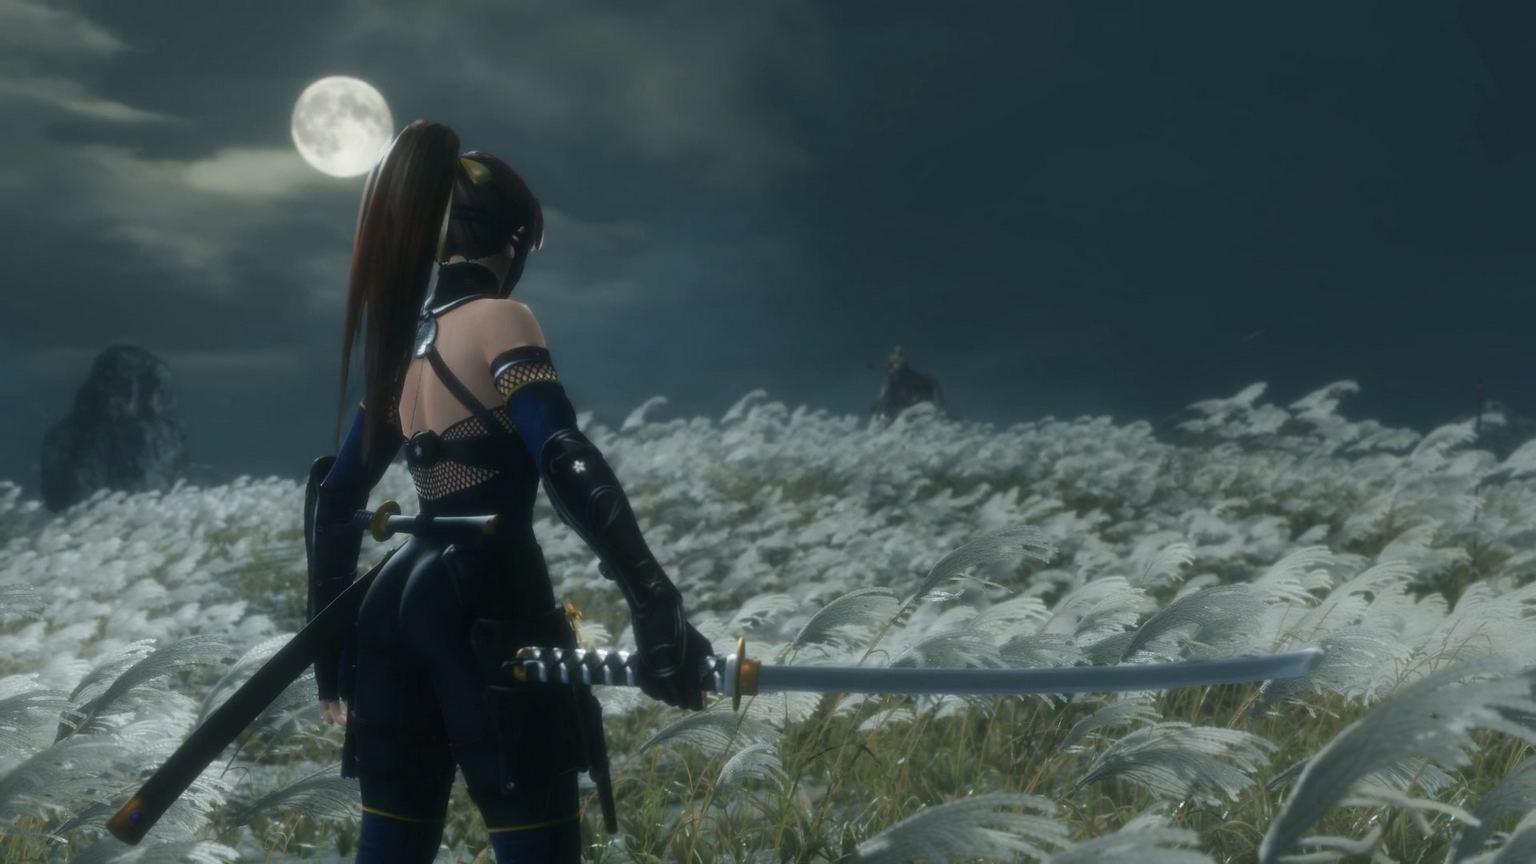 通过MOD,在《只狼 影逝二度》玩家可以化身性感女忍